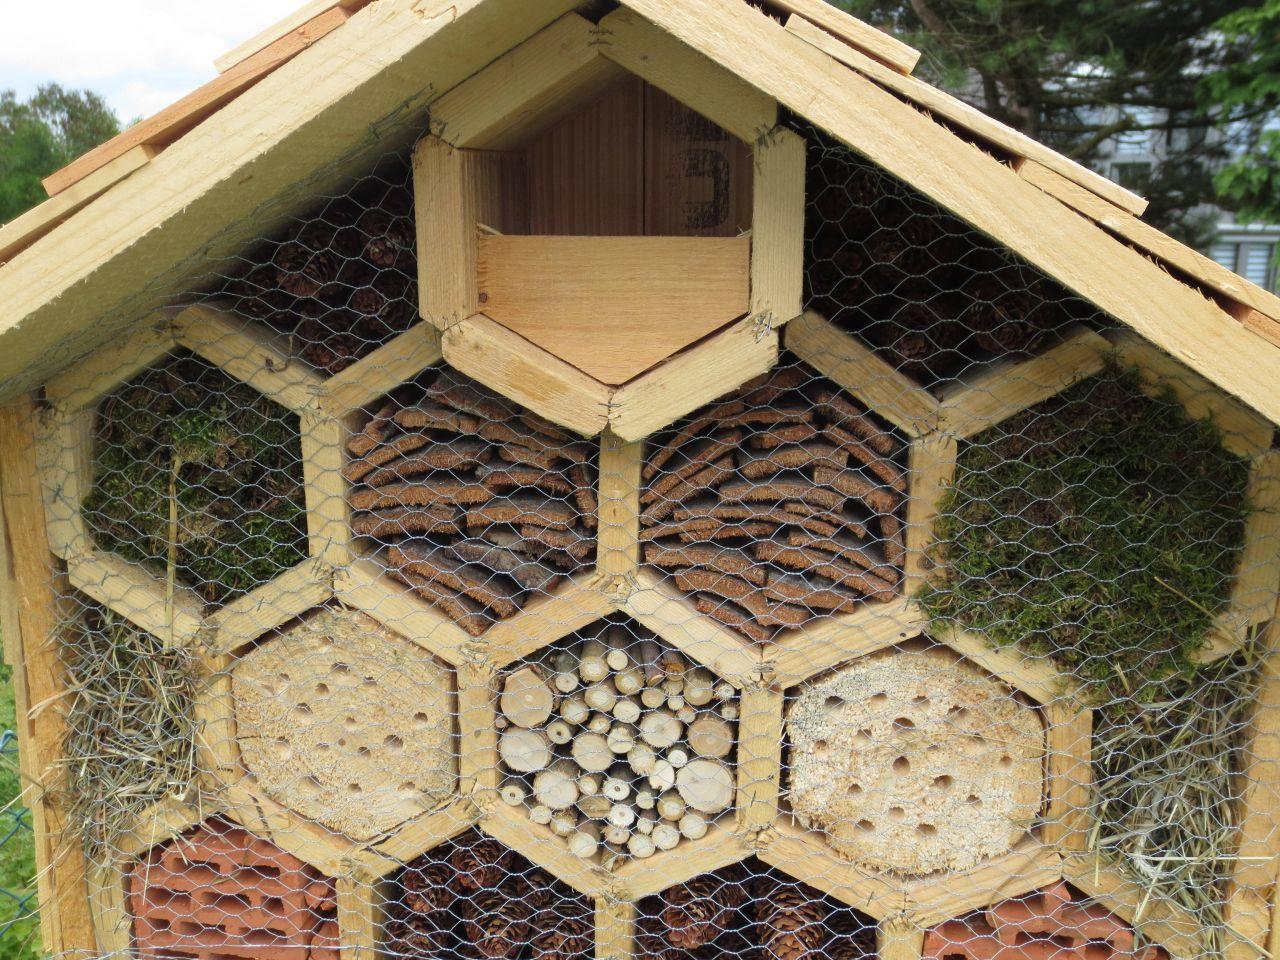 Vier Sterne Insektenhotel   Bauanleitung zum Selberbauen   200 20 do ...